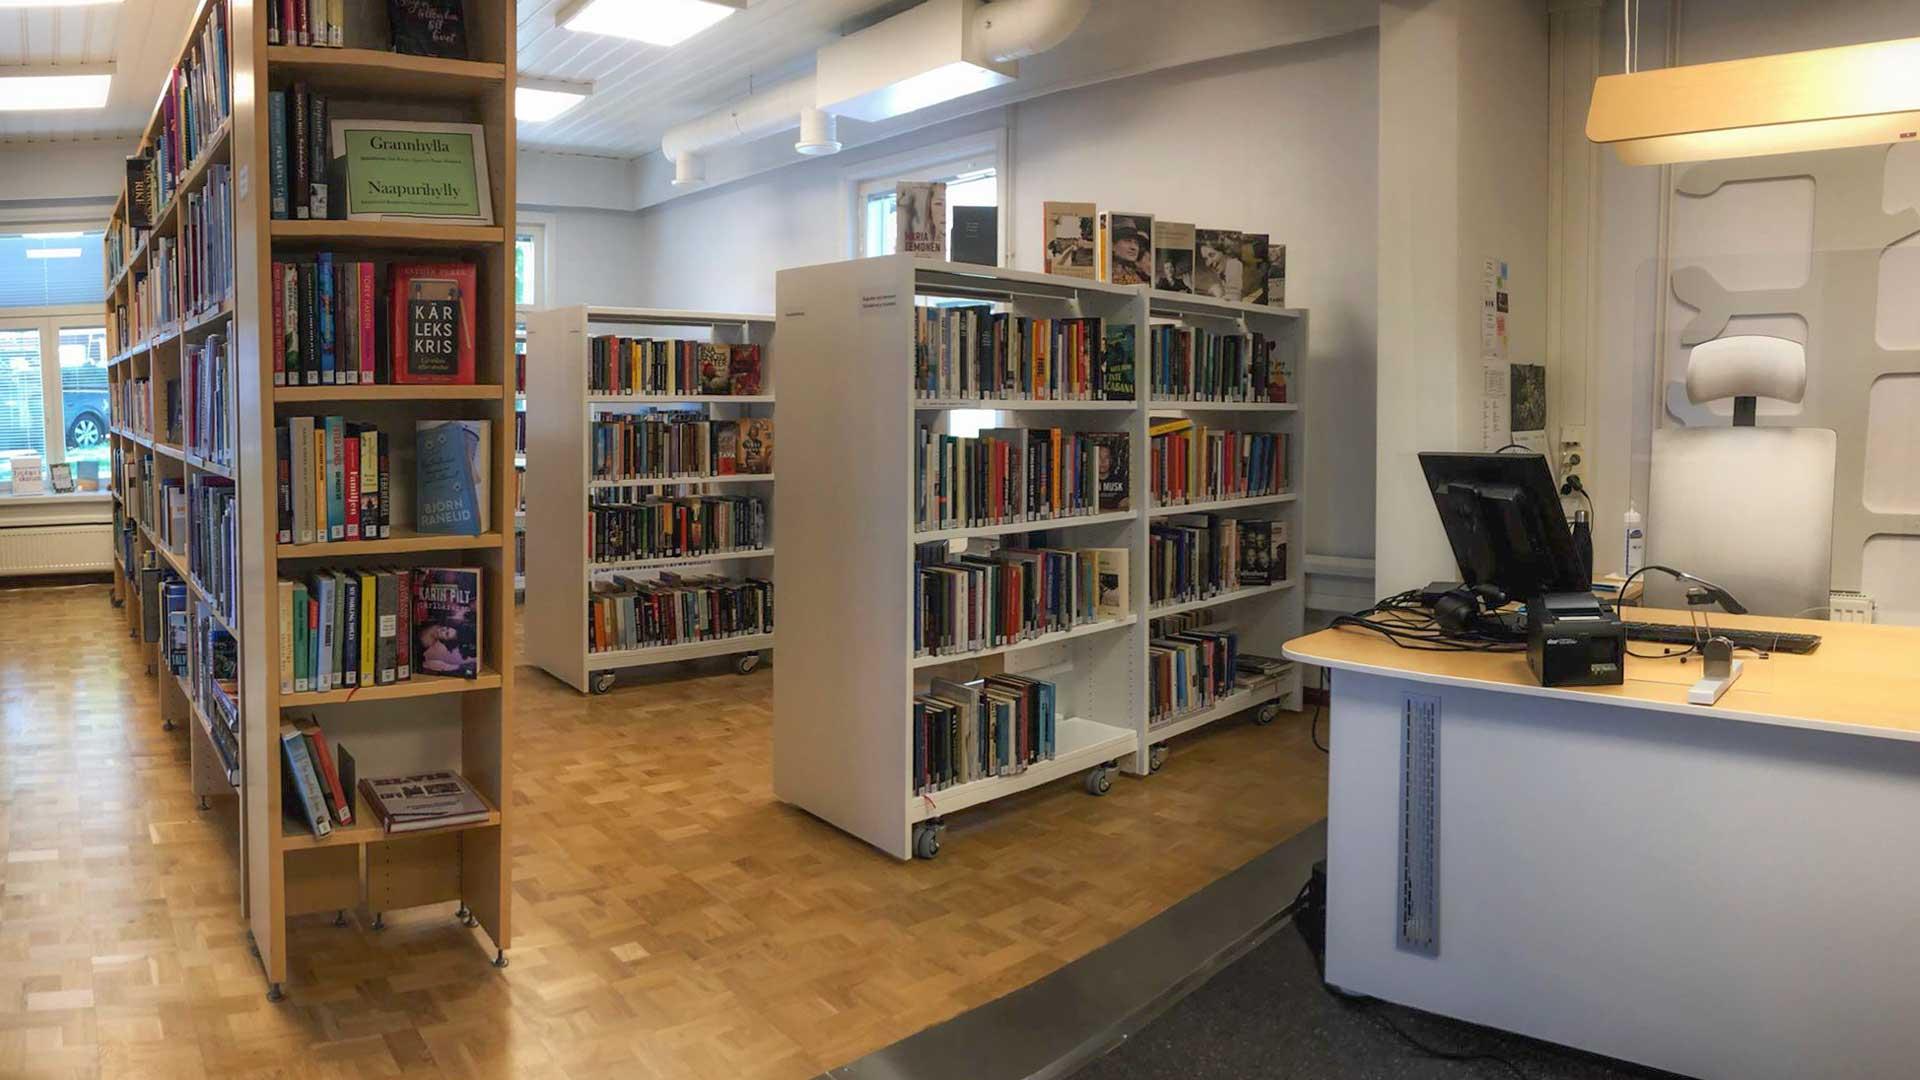 Blanka Kirjasto